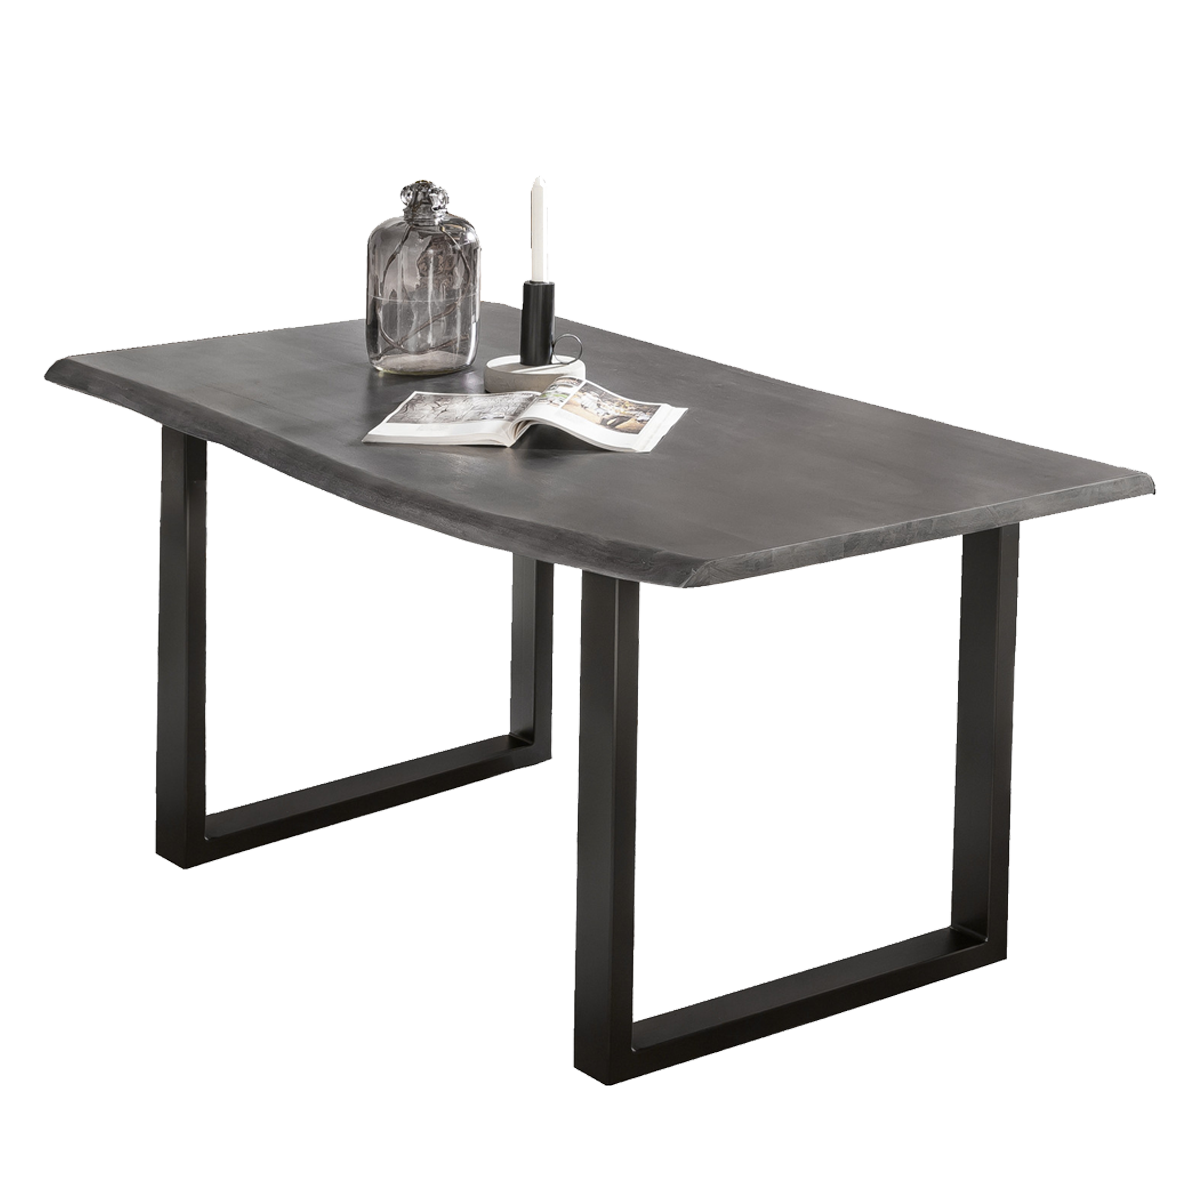 Sit Möbel Esstisch ca. 48 x 48 cm Tischplatte aus Massivholz antikgrau  Baumkante Gestell schwarz - yatego.com